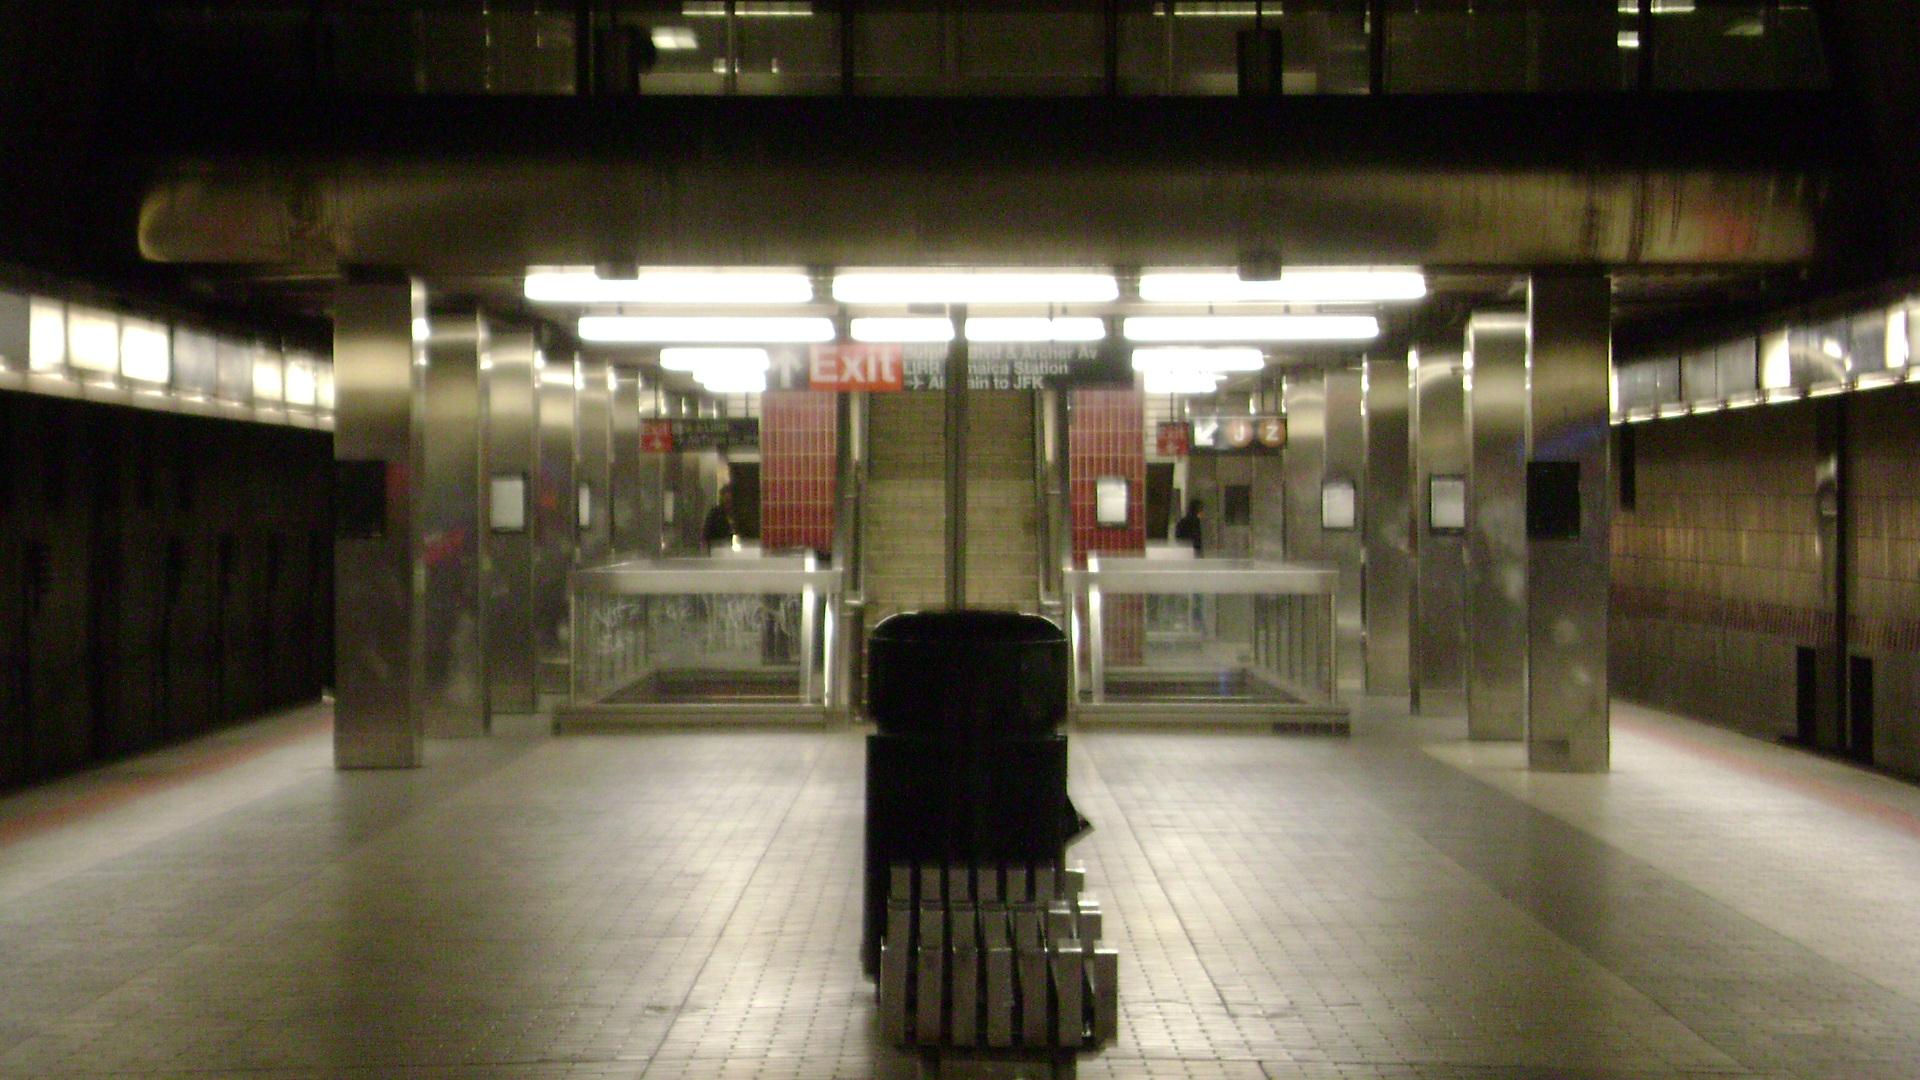 Lirr Station Sutphin Blvd